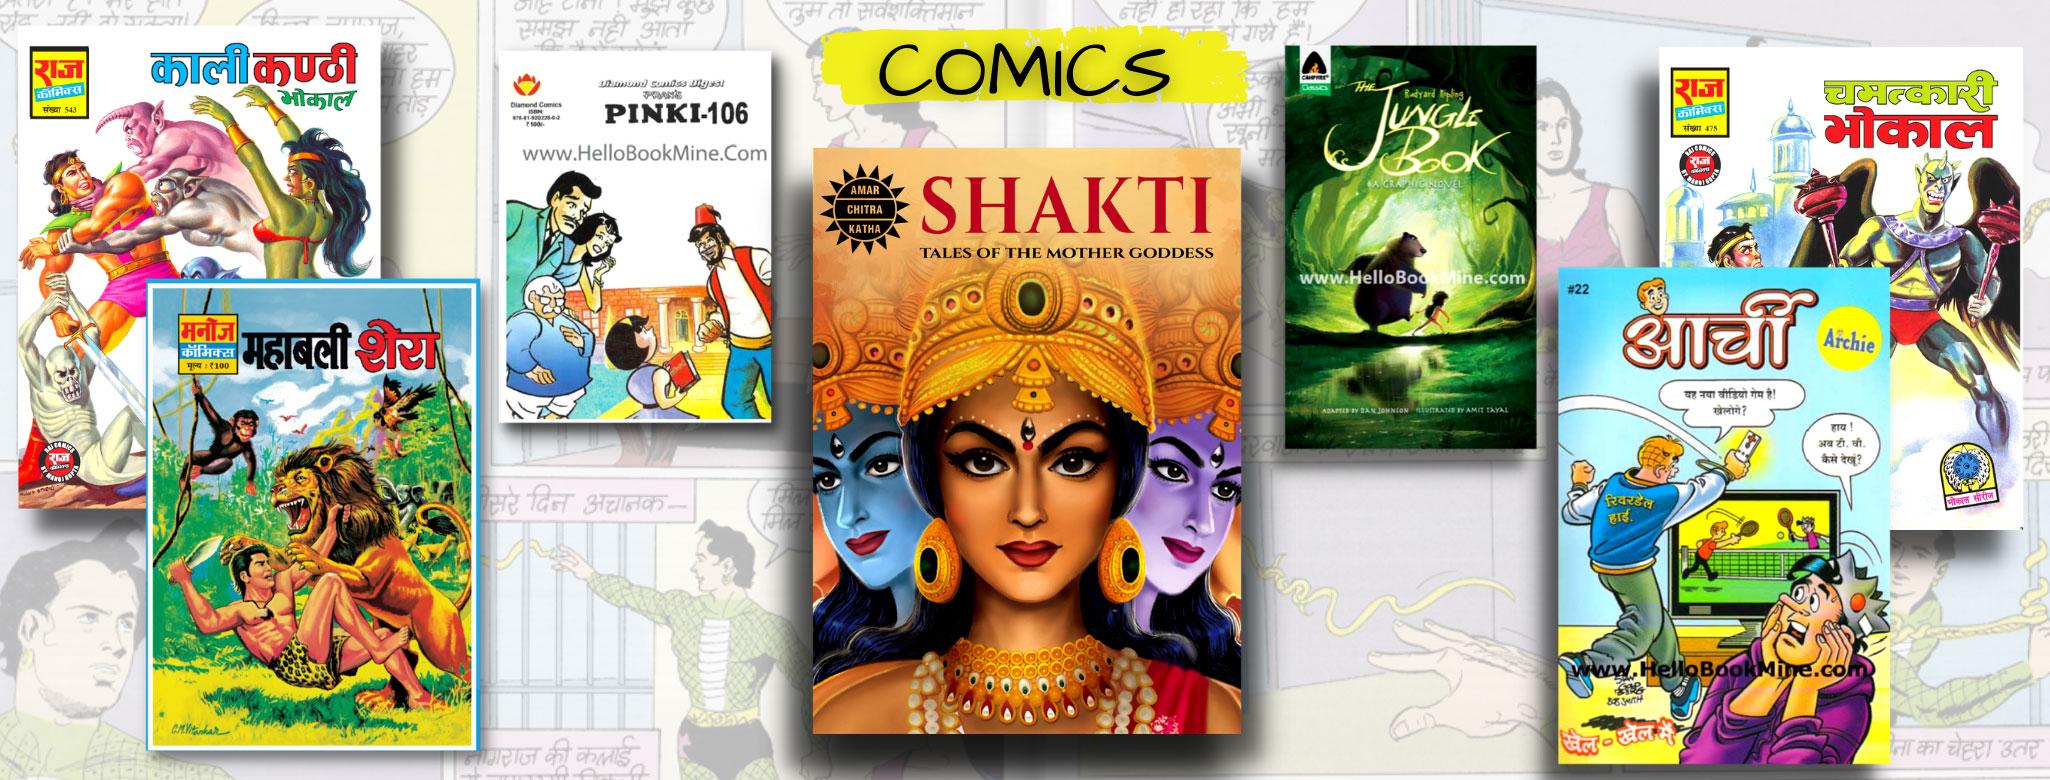 Comics-Raj-Comics